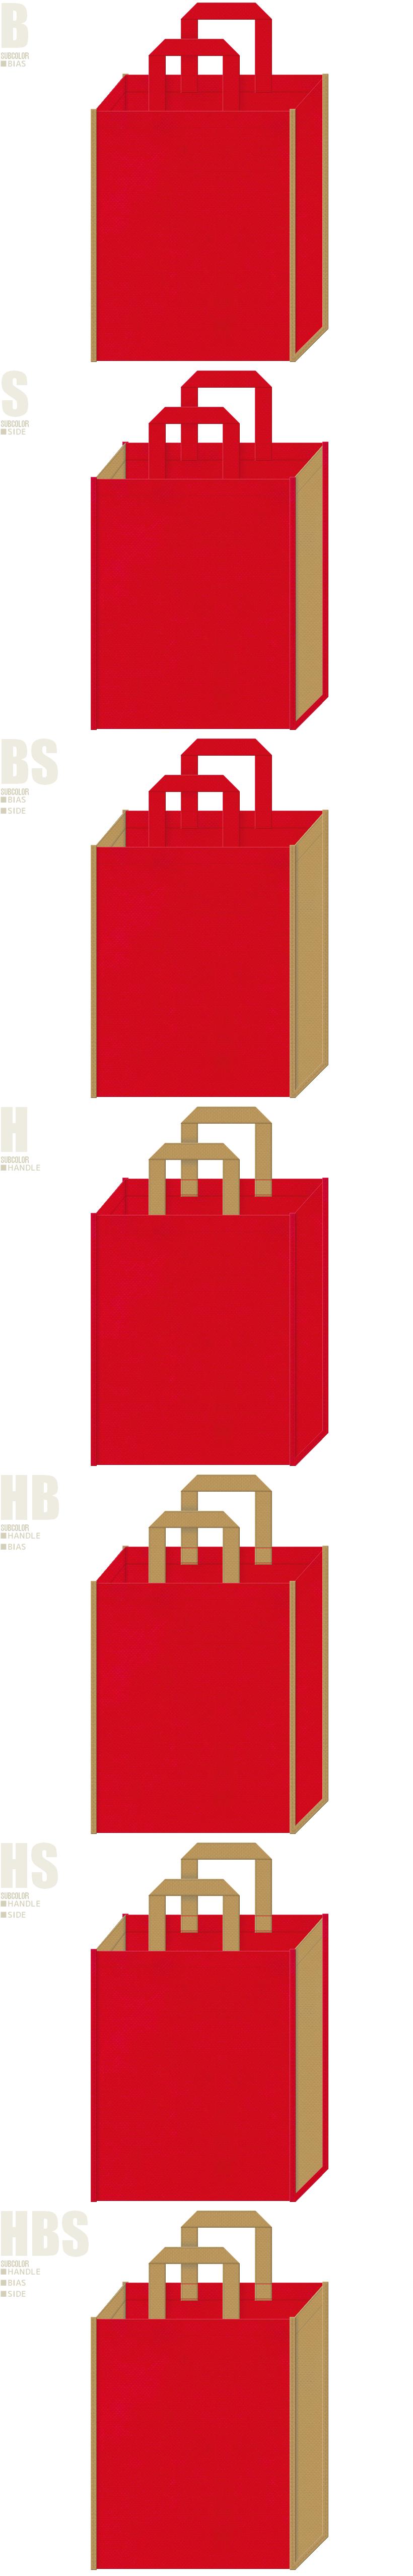 不織布トートバッグのデザイン:不織布カラーNo.35ワインレッドとNo.23ブラウンゴールドの組み合わせ